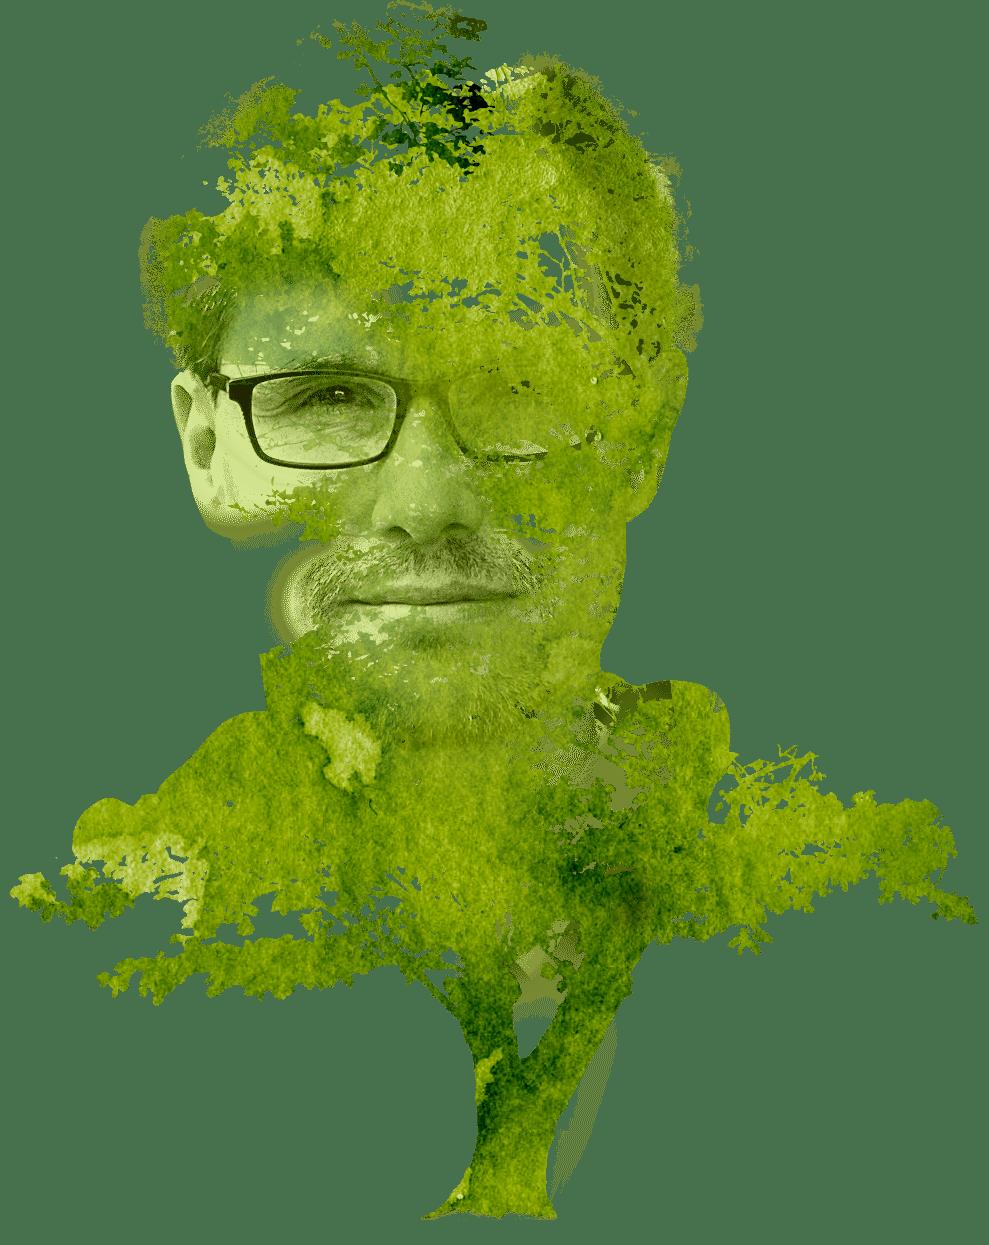 Fabrice court création de site WordPress et Graphiste professionnel